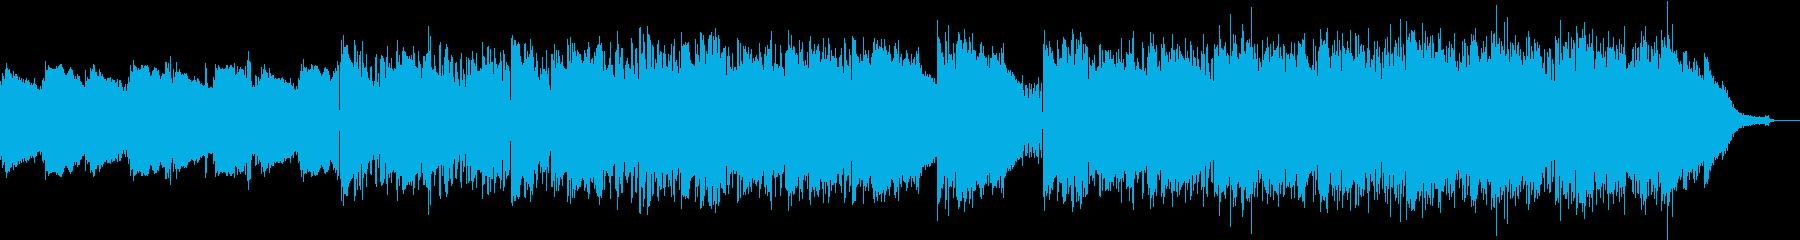 優しく切ないエレクトロの再生済みの波形